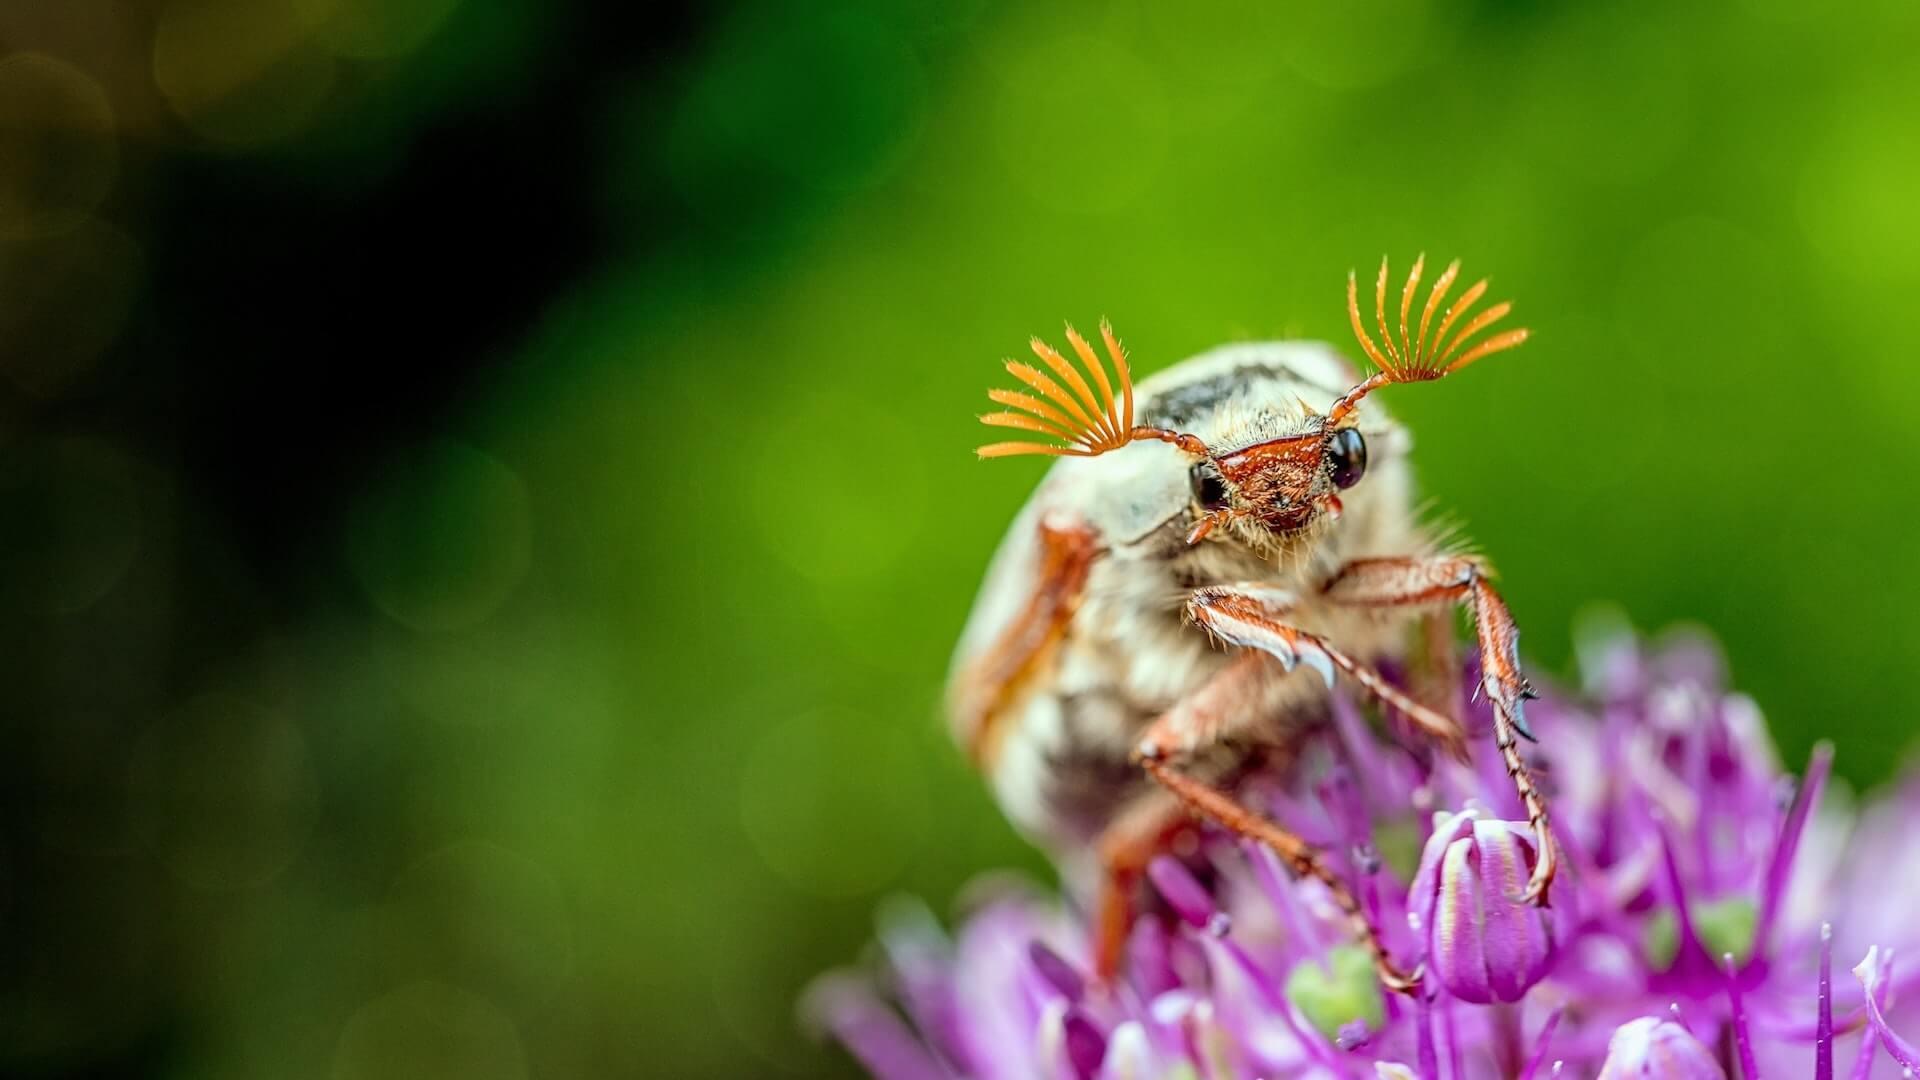 Maikäfer auf einer Blüte. @pexels